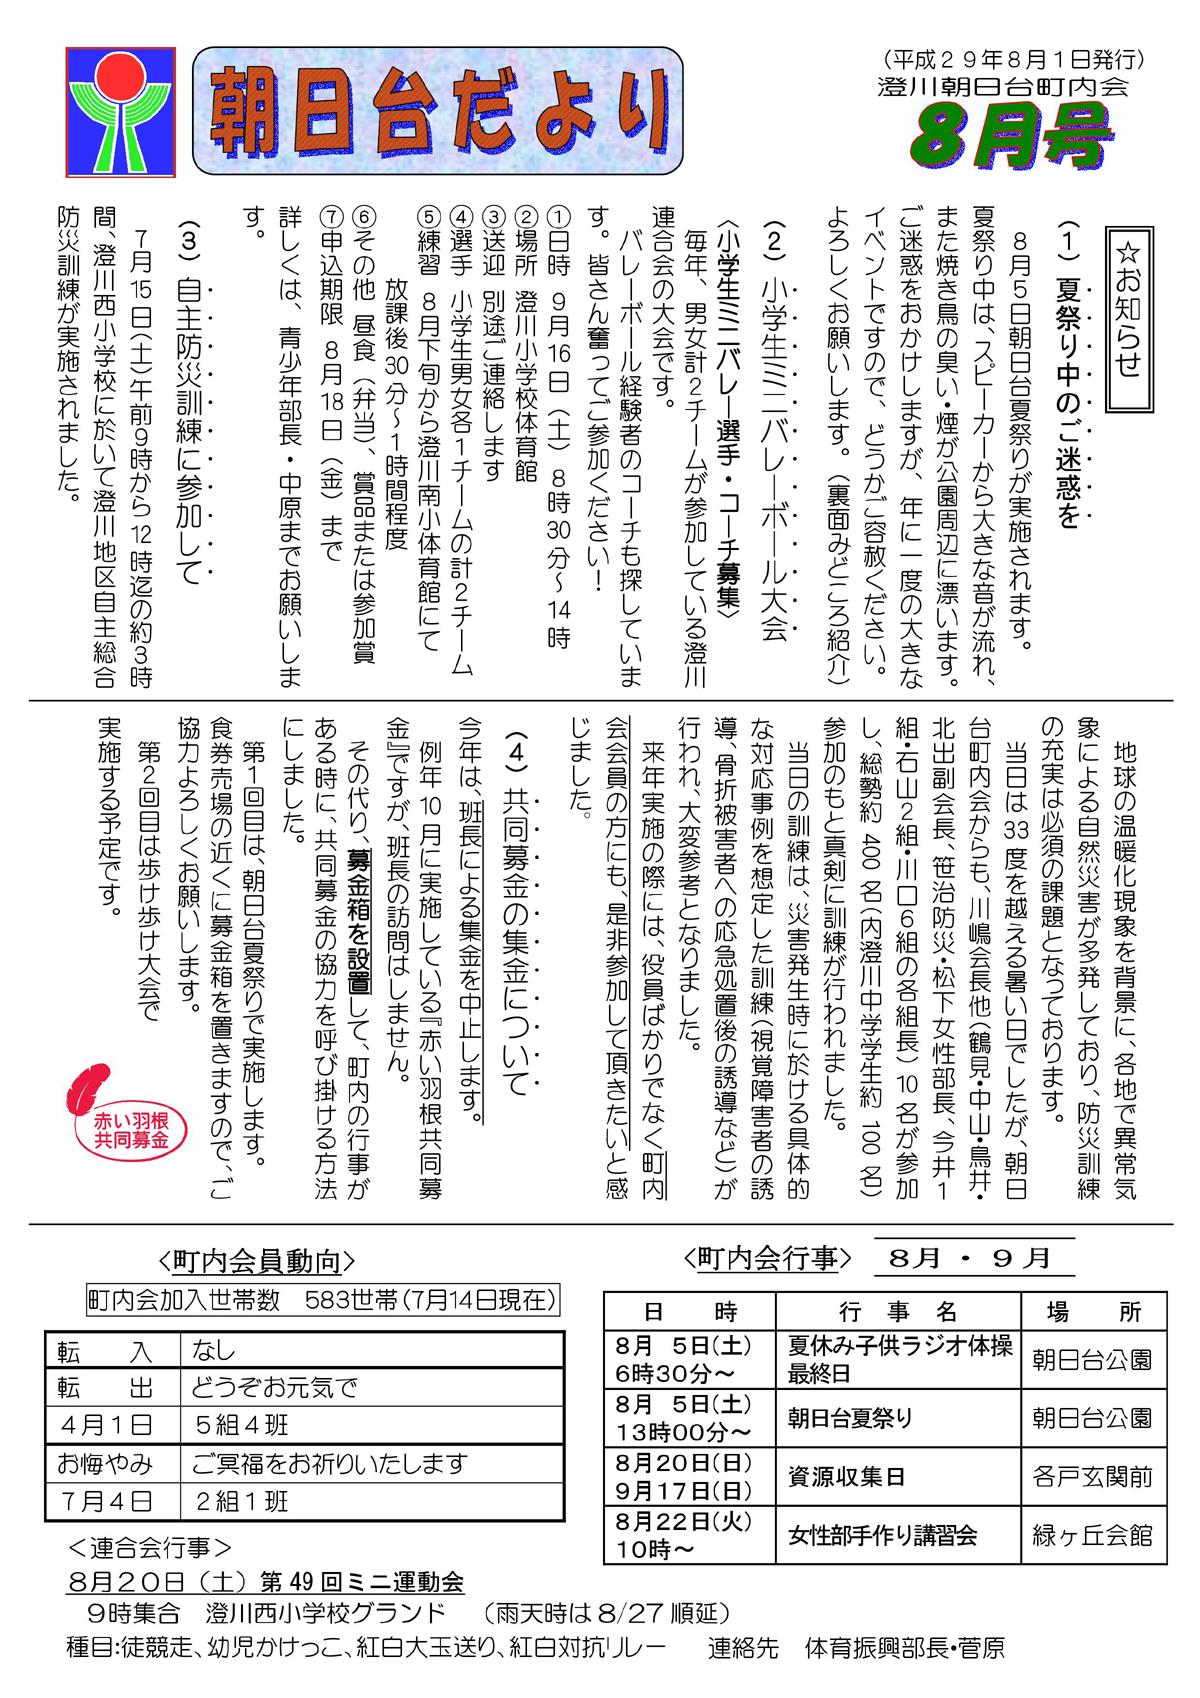 http://sumikawa.info/asahidai/29%208%E6%9C%88%E5%8F%B7-1.jpg